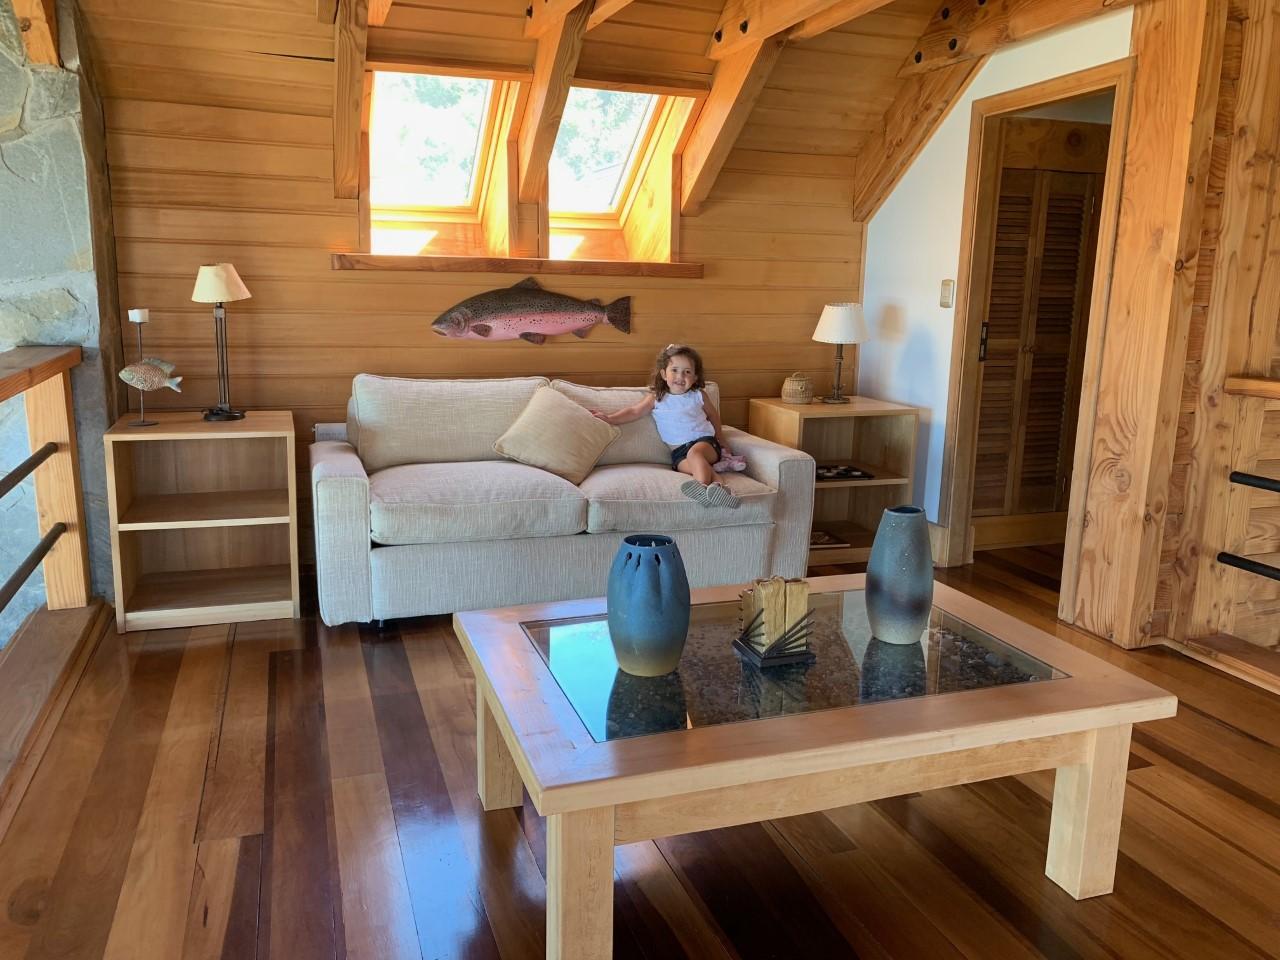 Sala de estar del Hotel Mari Mari con una niña sentada en un sillón